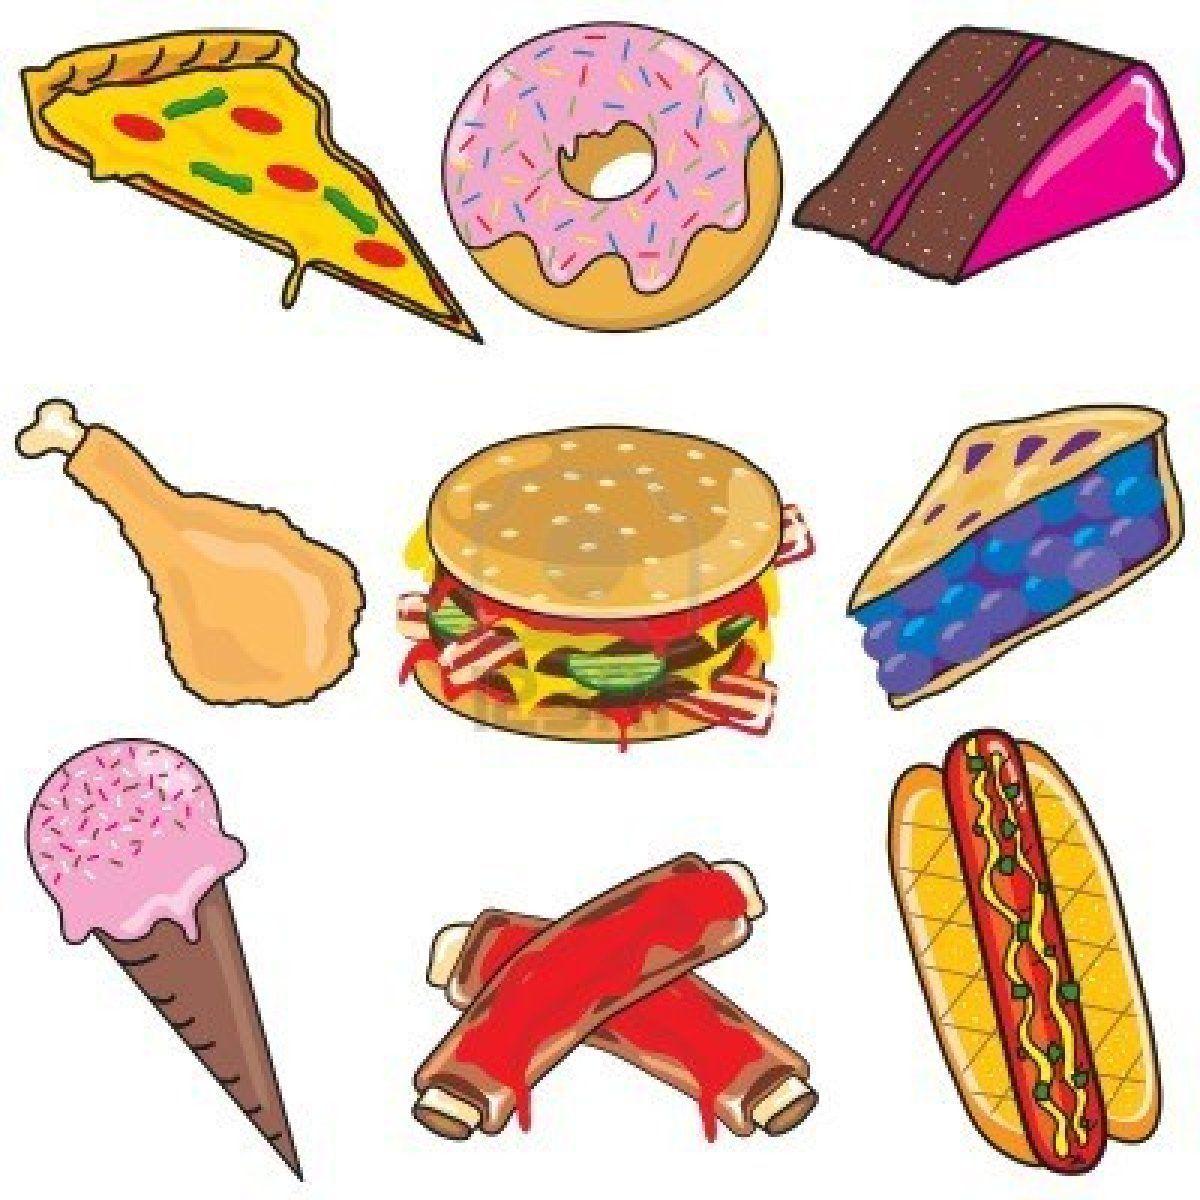 Yummy Food Food Cartoon Unhealthy Food Pictures Cute Cartoon Food